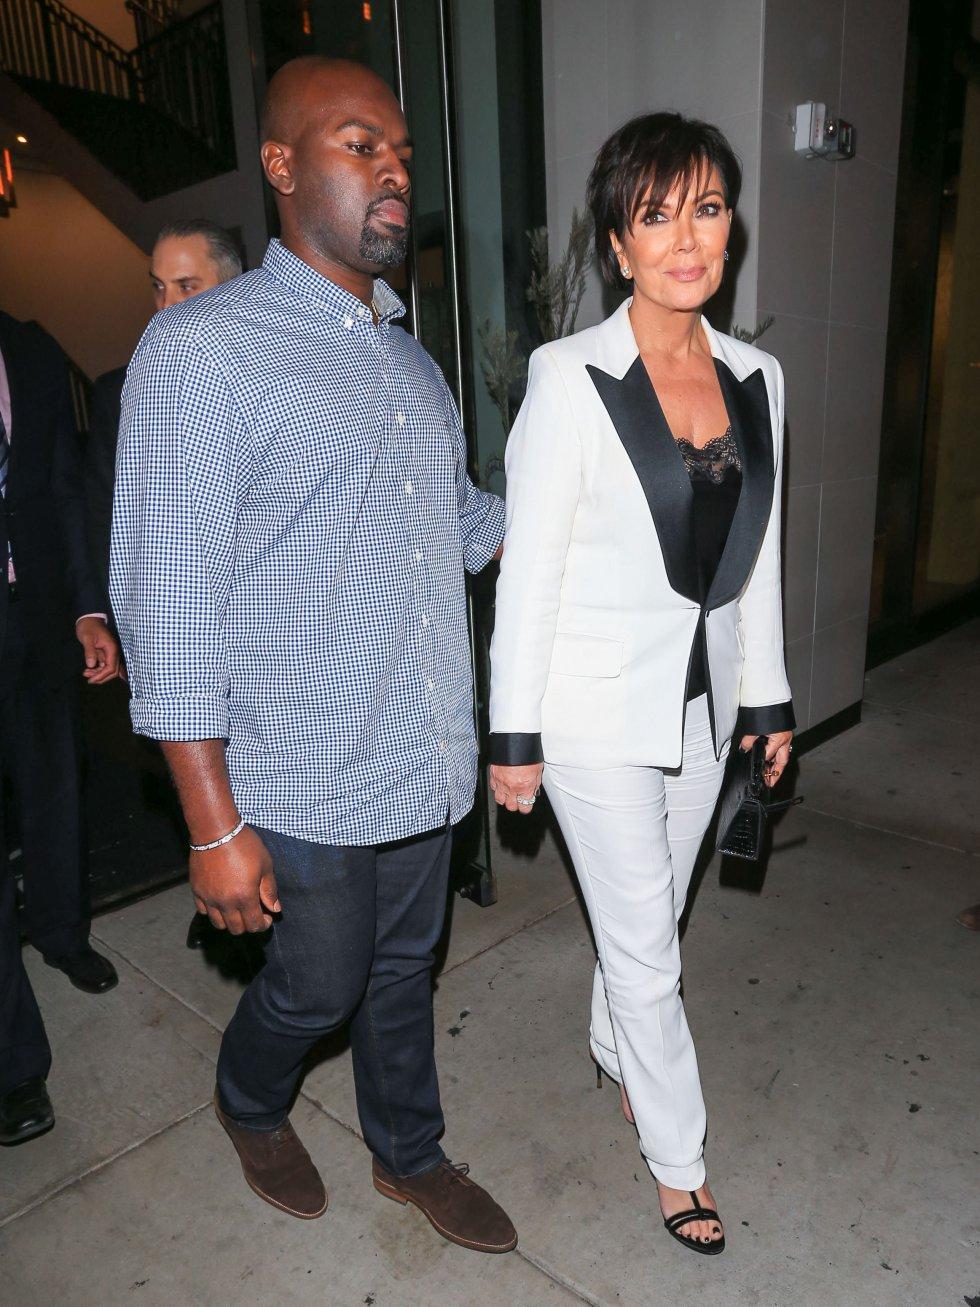 La matriarca del clan Kardashian habría tomado la decisión de concluir su relación para focalizar toda su atención en su famosa familia y en el programa de telerrealidad que les catapultó a todos a la fama